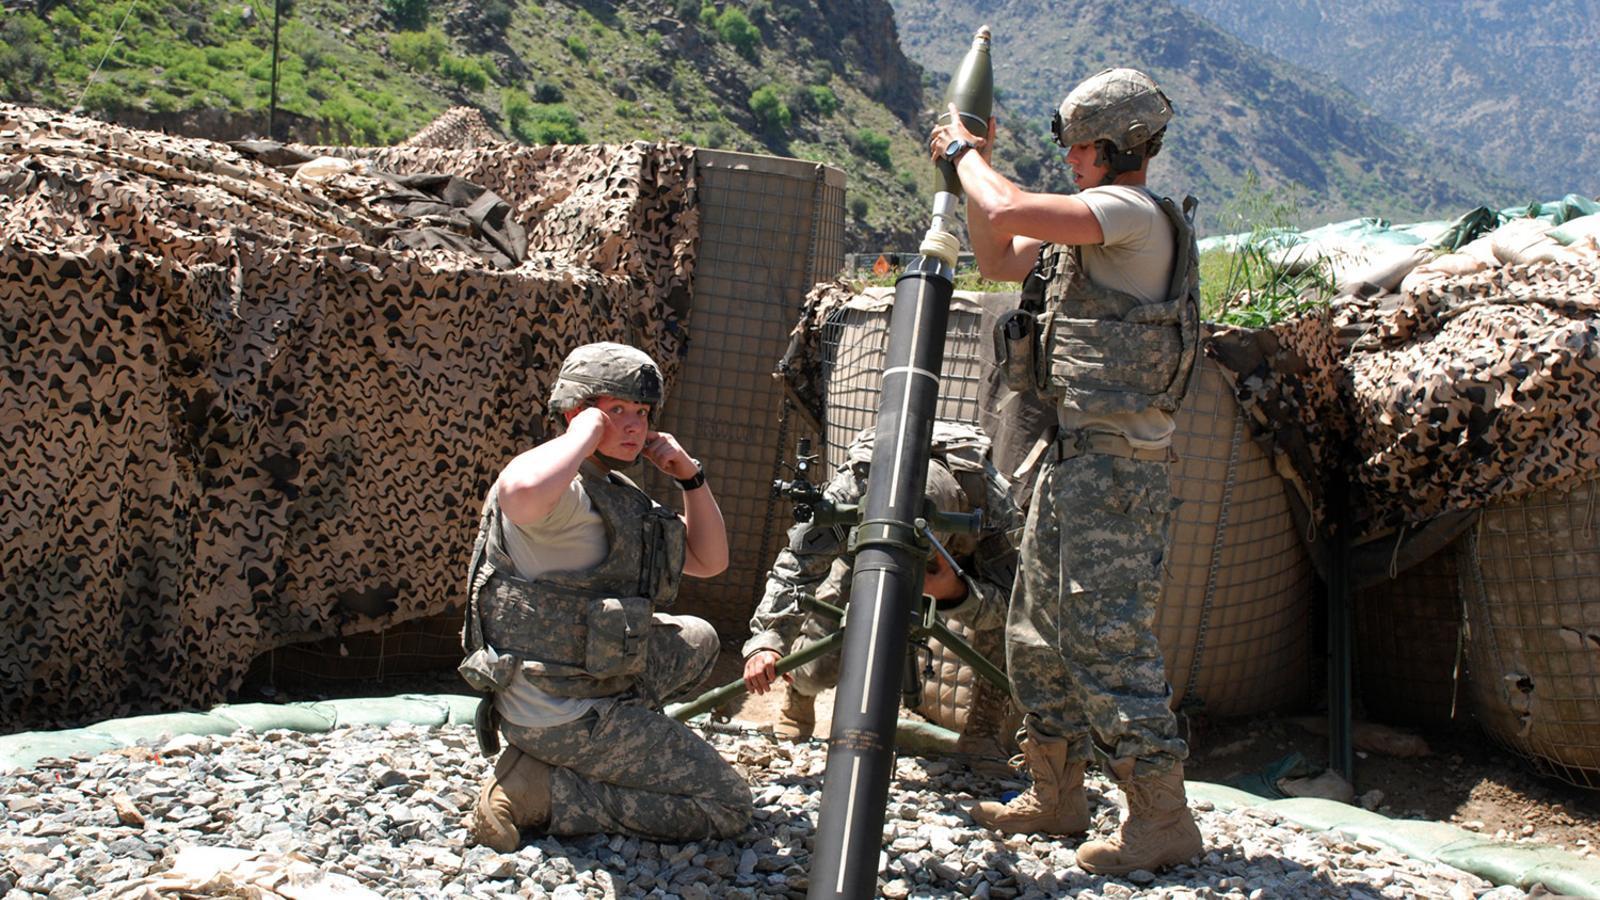 Militars nord-americans a punt de llançar un obús de morter a la província afganesa de Kunar, en una foto d'arxiu